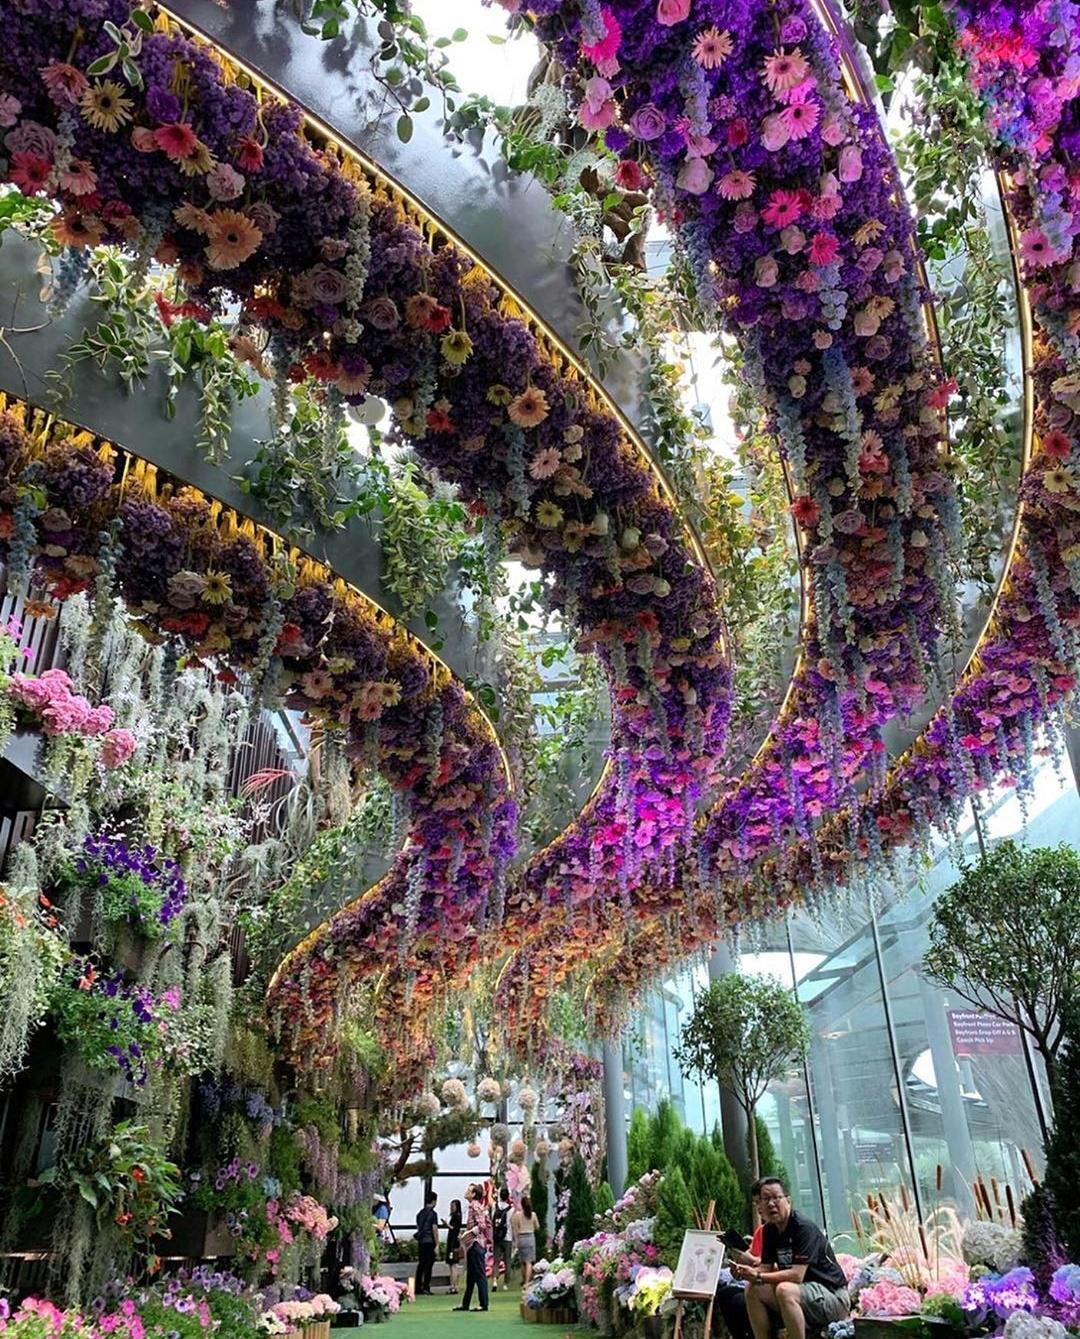 c0a42049e9fce8e89130e5426dbb7a8e - Gardens By The Bay Timings Light Show